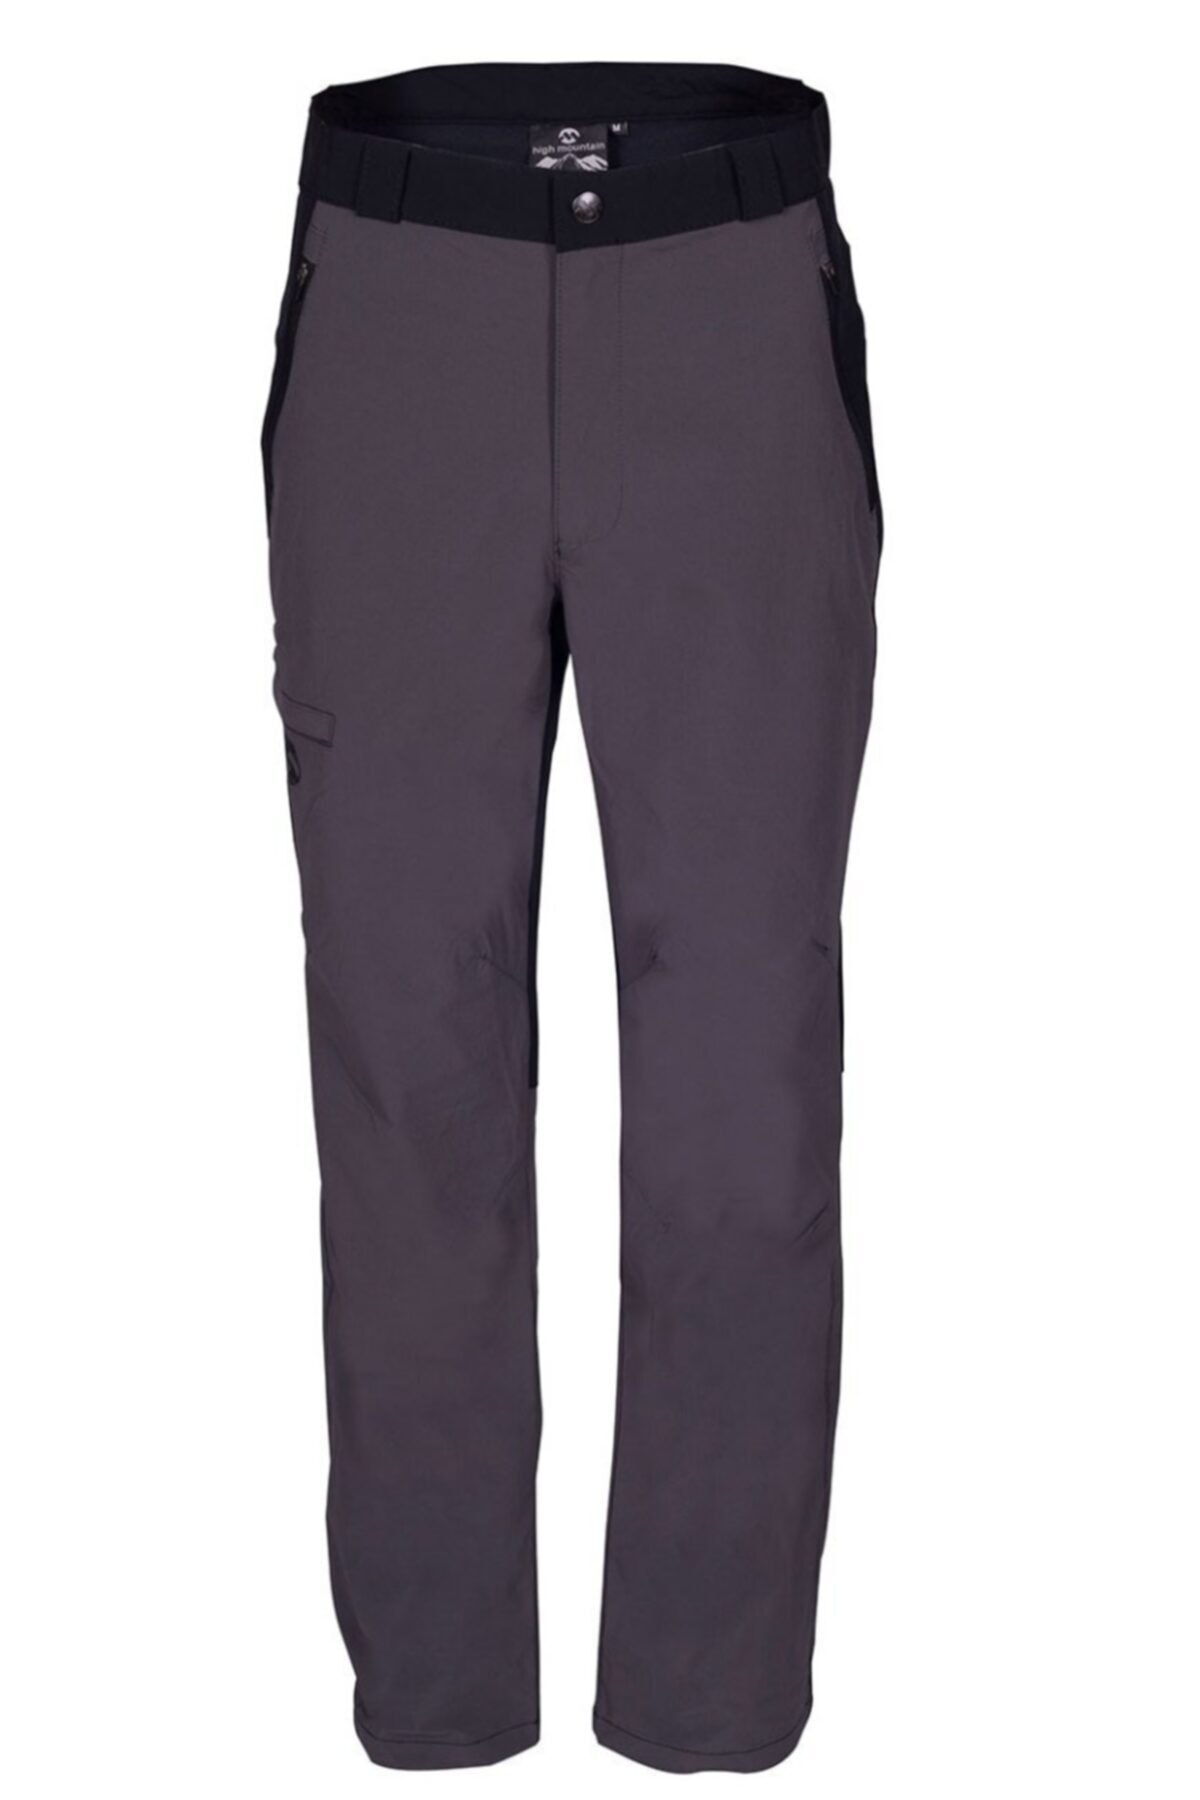 Trango Tırmanış Ve Trekking Pantolonu - Gri Siyah - S